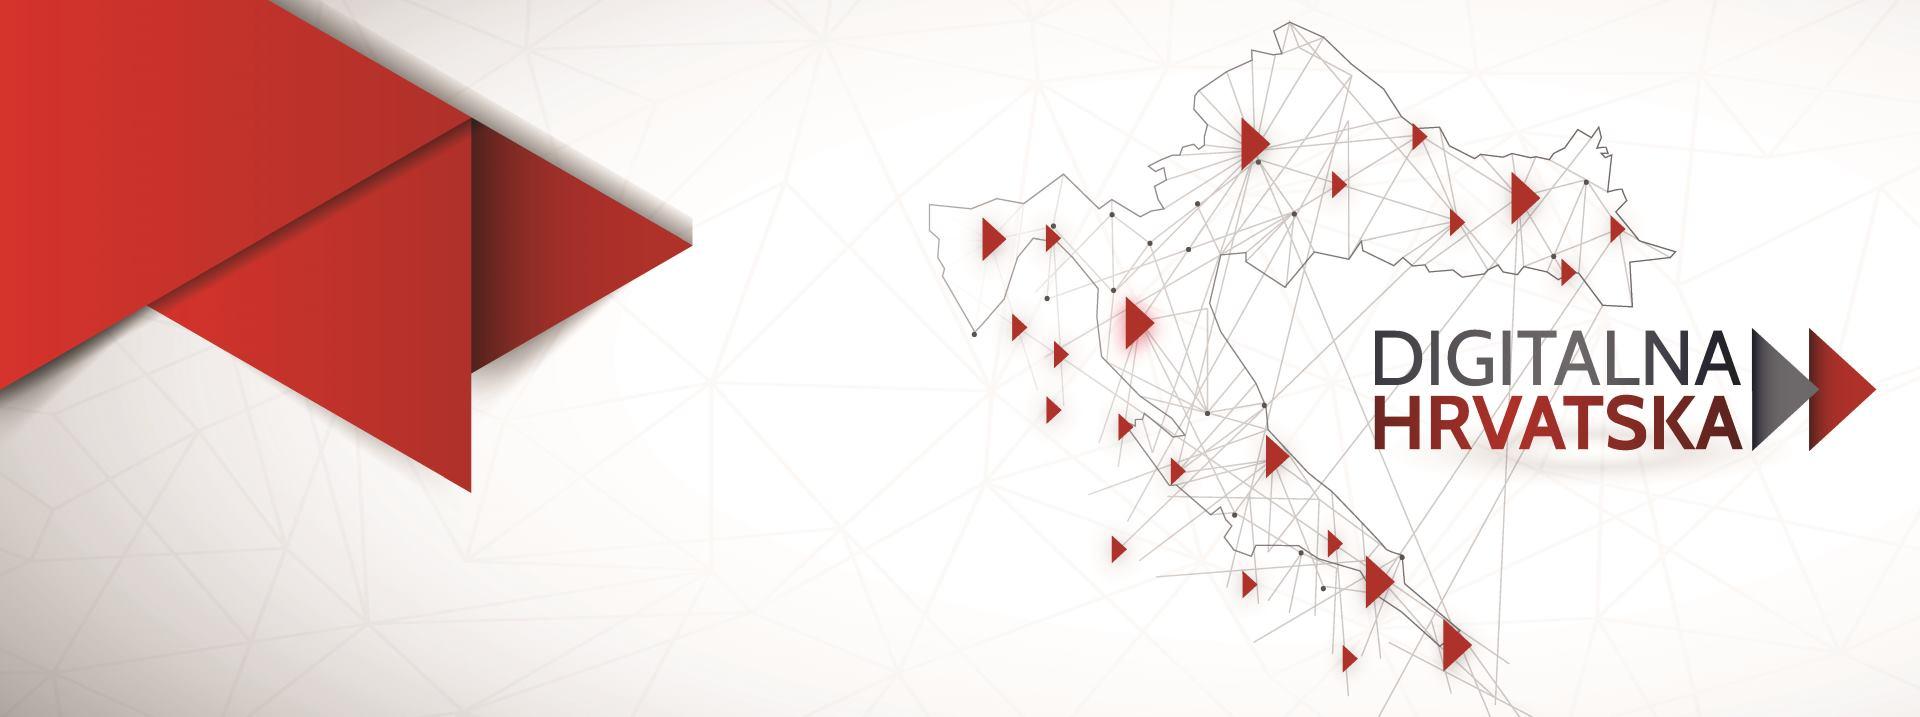 DIGITALNA HRVATSKA Platforma za promicanje novih tehnologija i poslovnih modela krenula s radom